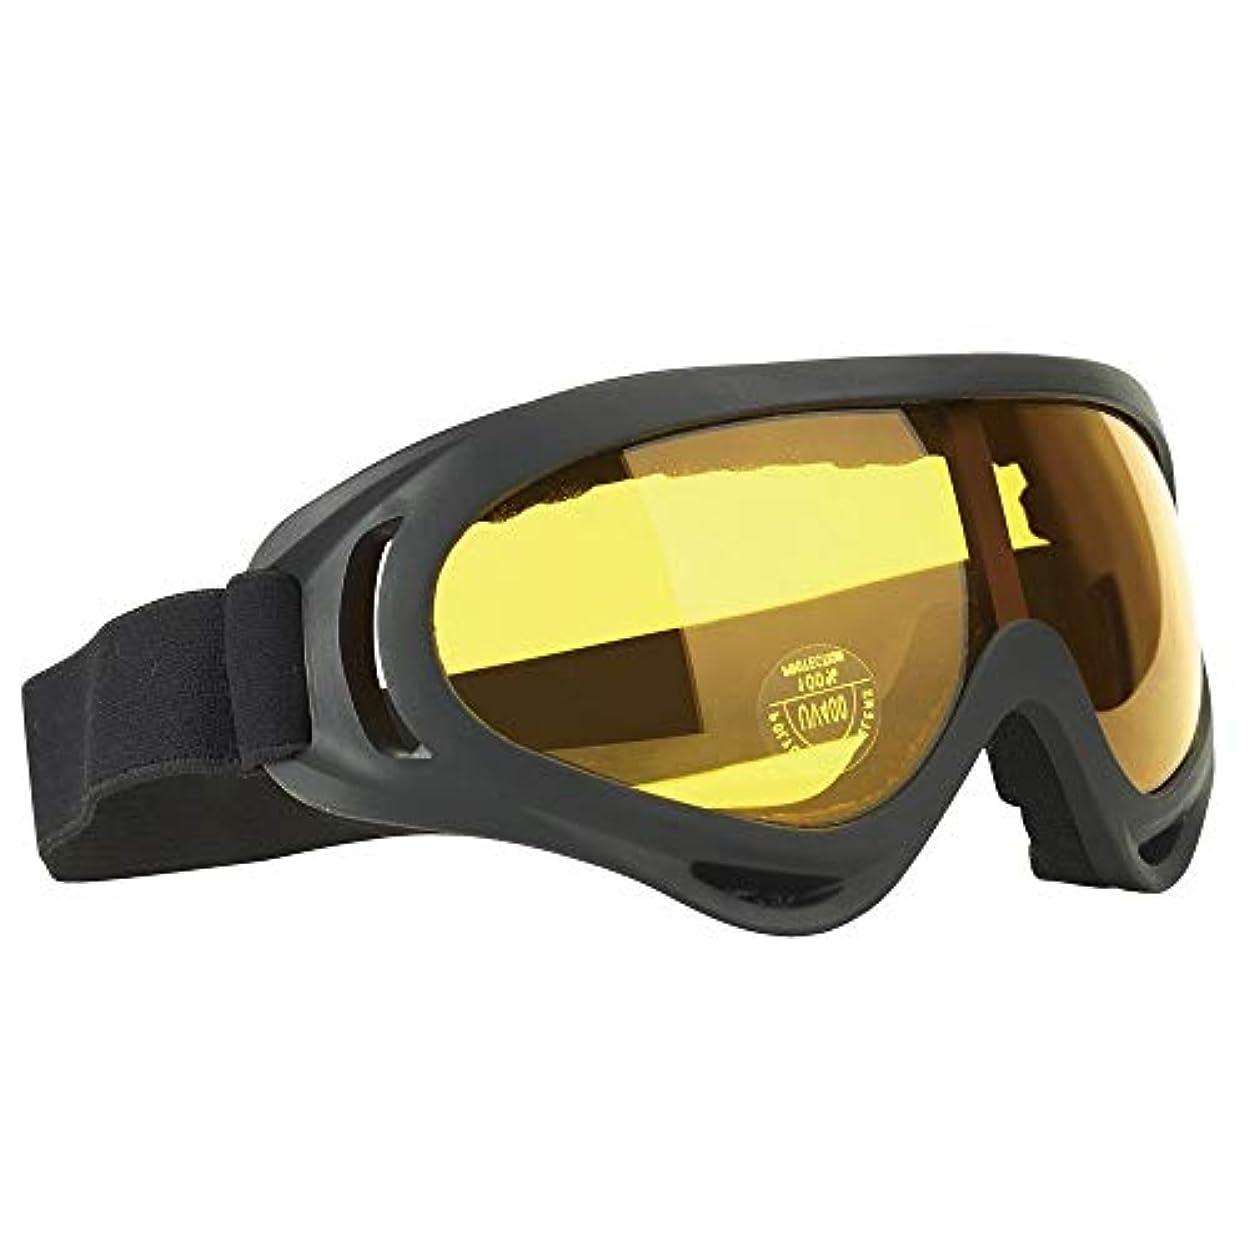 ラジウムビルダー飛躍Simg スキーゴーグル スノボートゴーグル UV400 紫外線カット 曇り止め 防風 防放射 サングラス 登山/サバゲー/バイク/スキー運動に全面適用